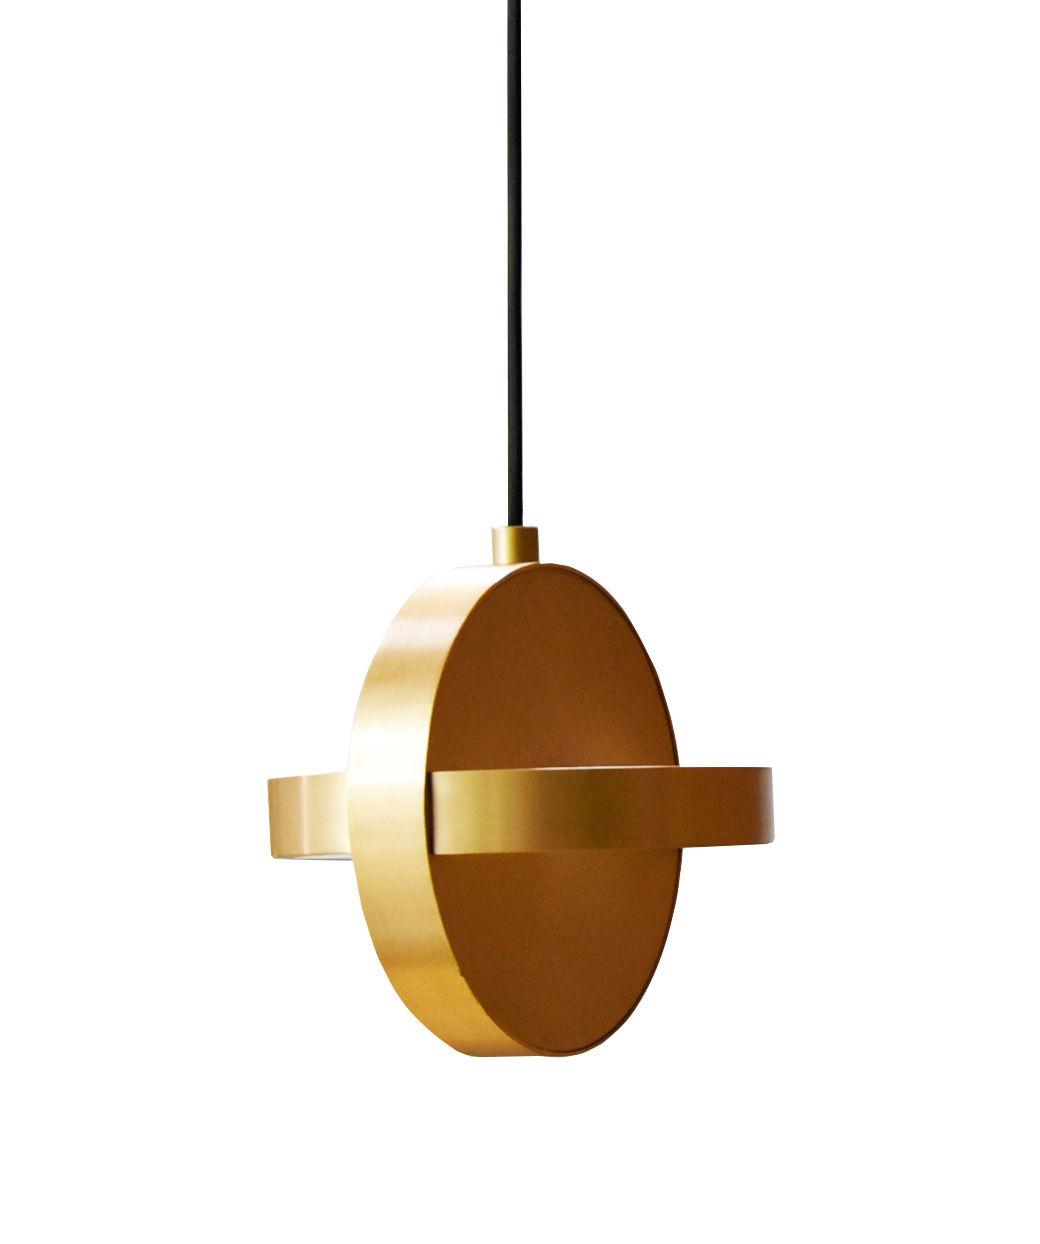 Lighting - Pendant Lighting - Plus LED Pendant - / Aluminium by ENOstudio - Brass - Anodized aluminium